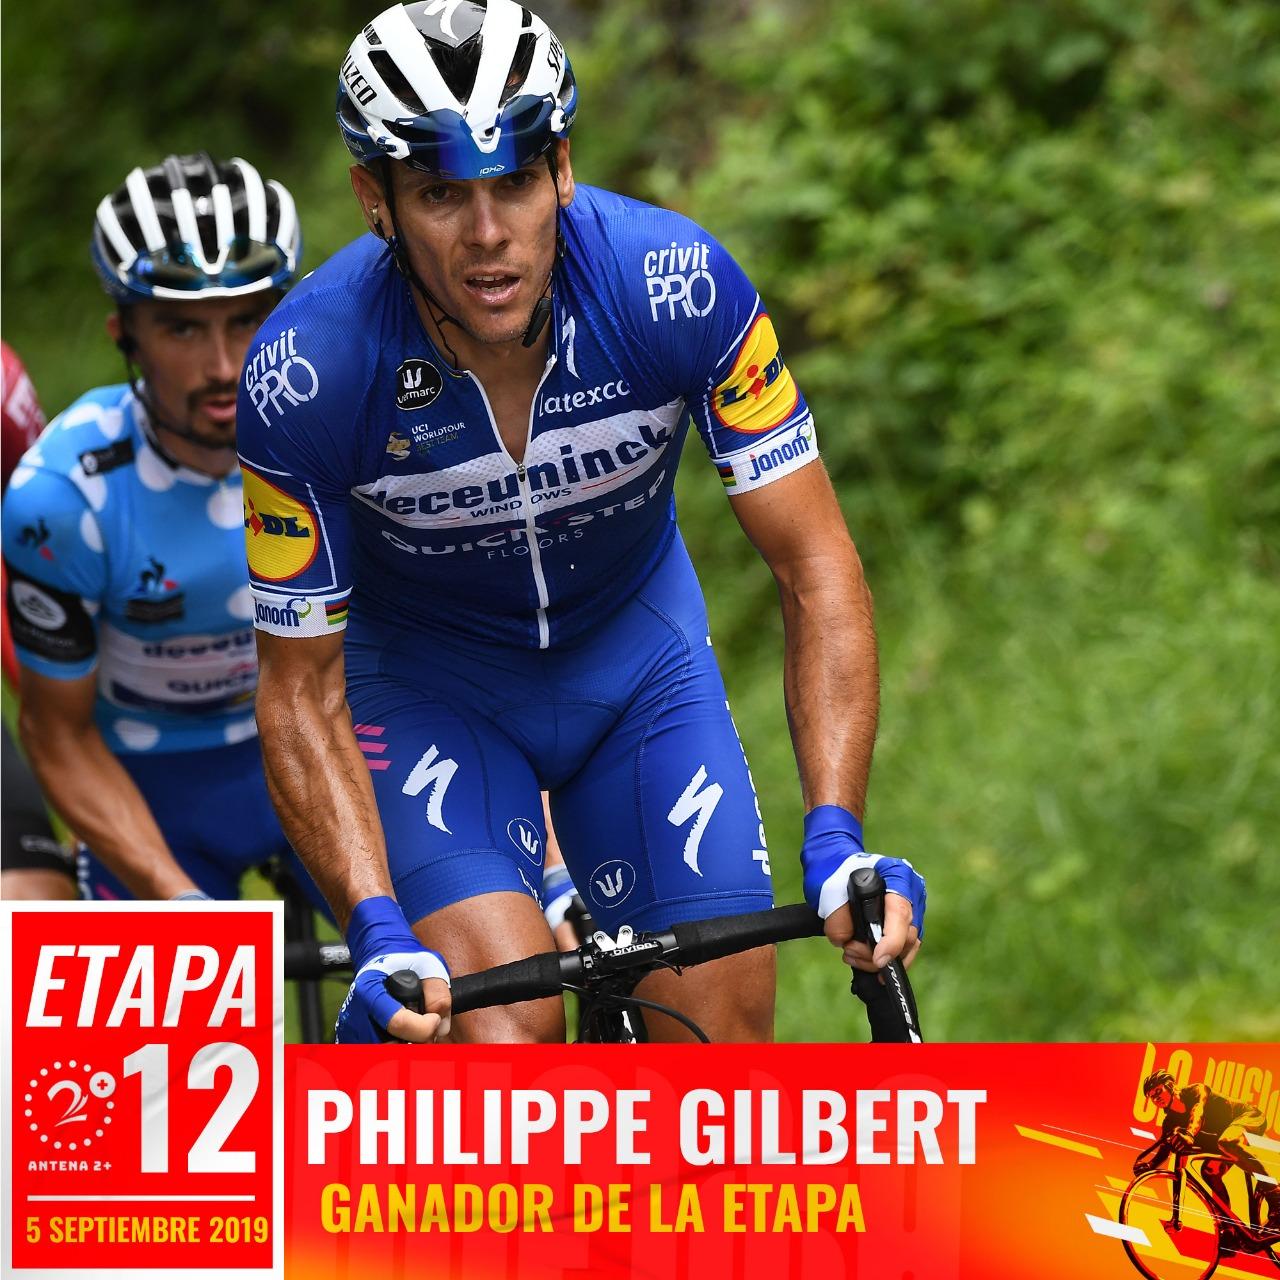 Philippe Gilbert (Quick Step)ganó la etapa 12 de la Vuelta a España